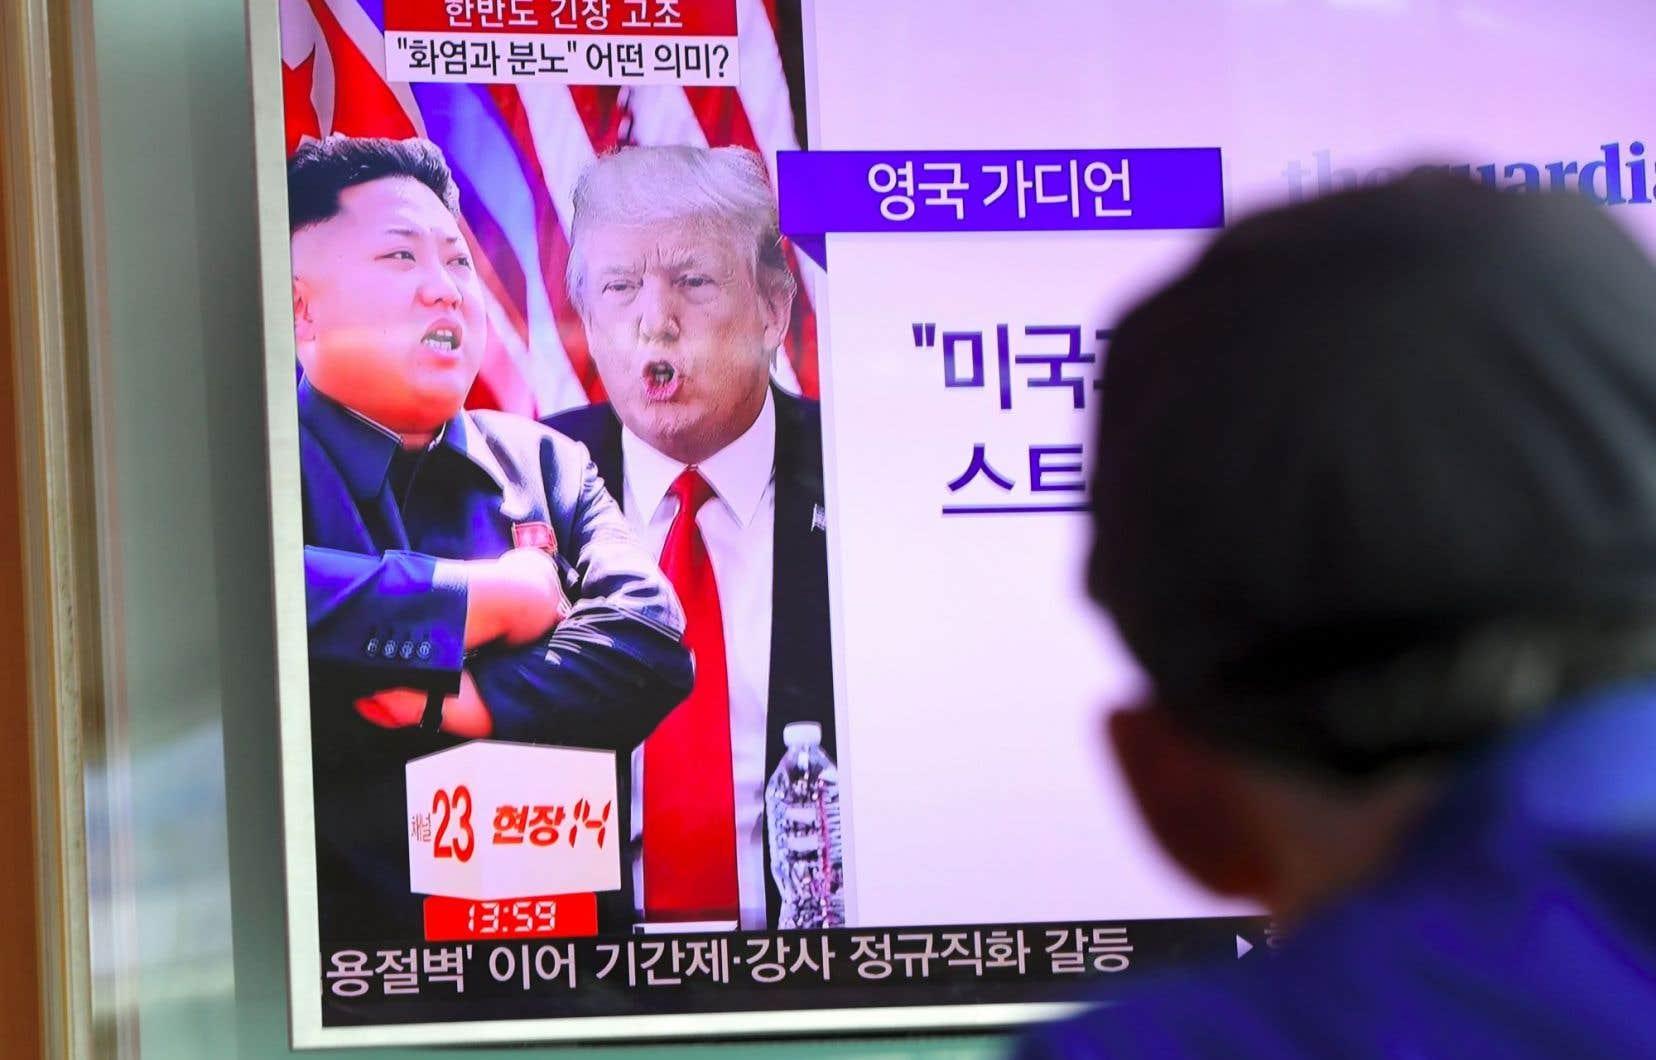 Le président Donald Trumpa promis «feu» et «colère» à Pyongyang, qui vient de mener deux tests réussis de missiles balistiques intercontinentaux (ICBM).